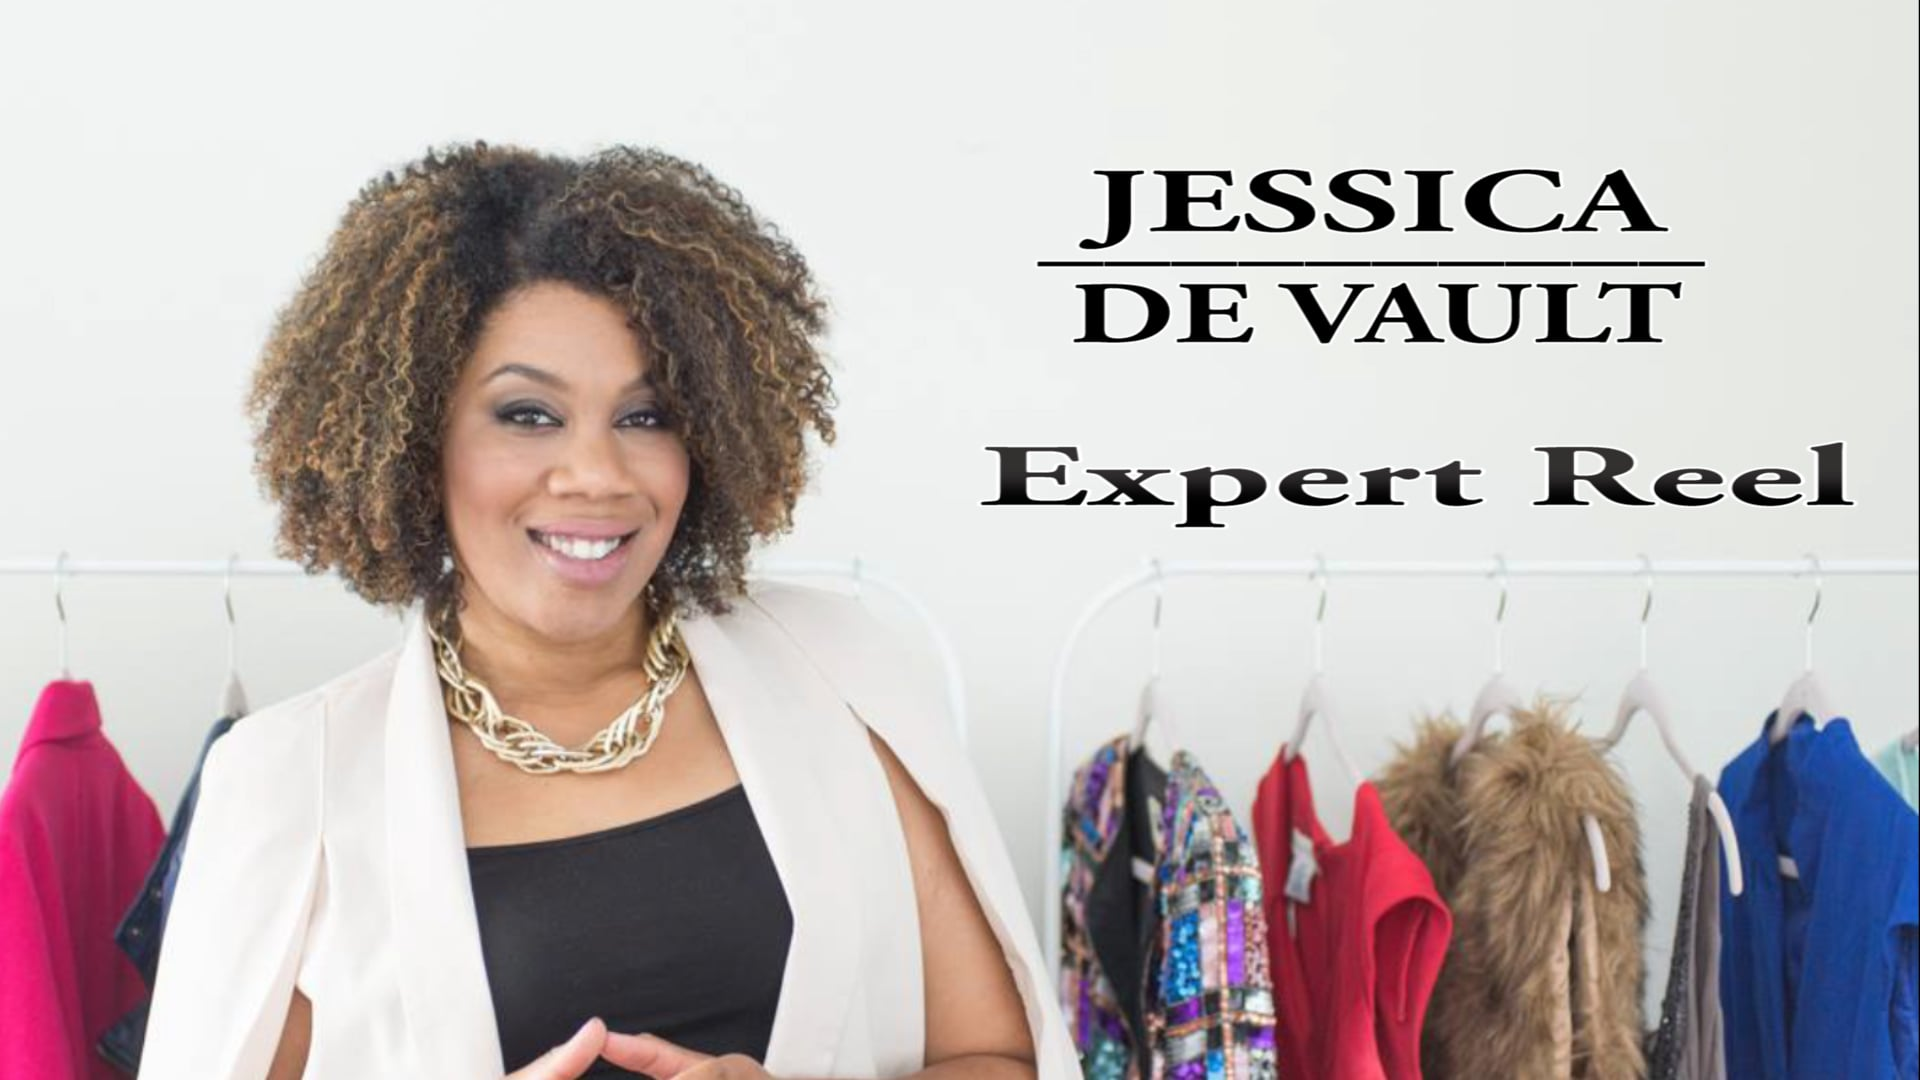 Jessica De Vault Expert Reel